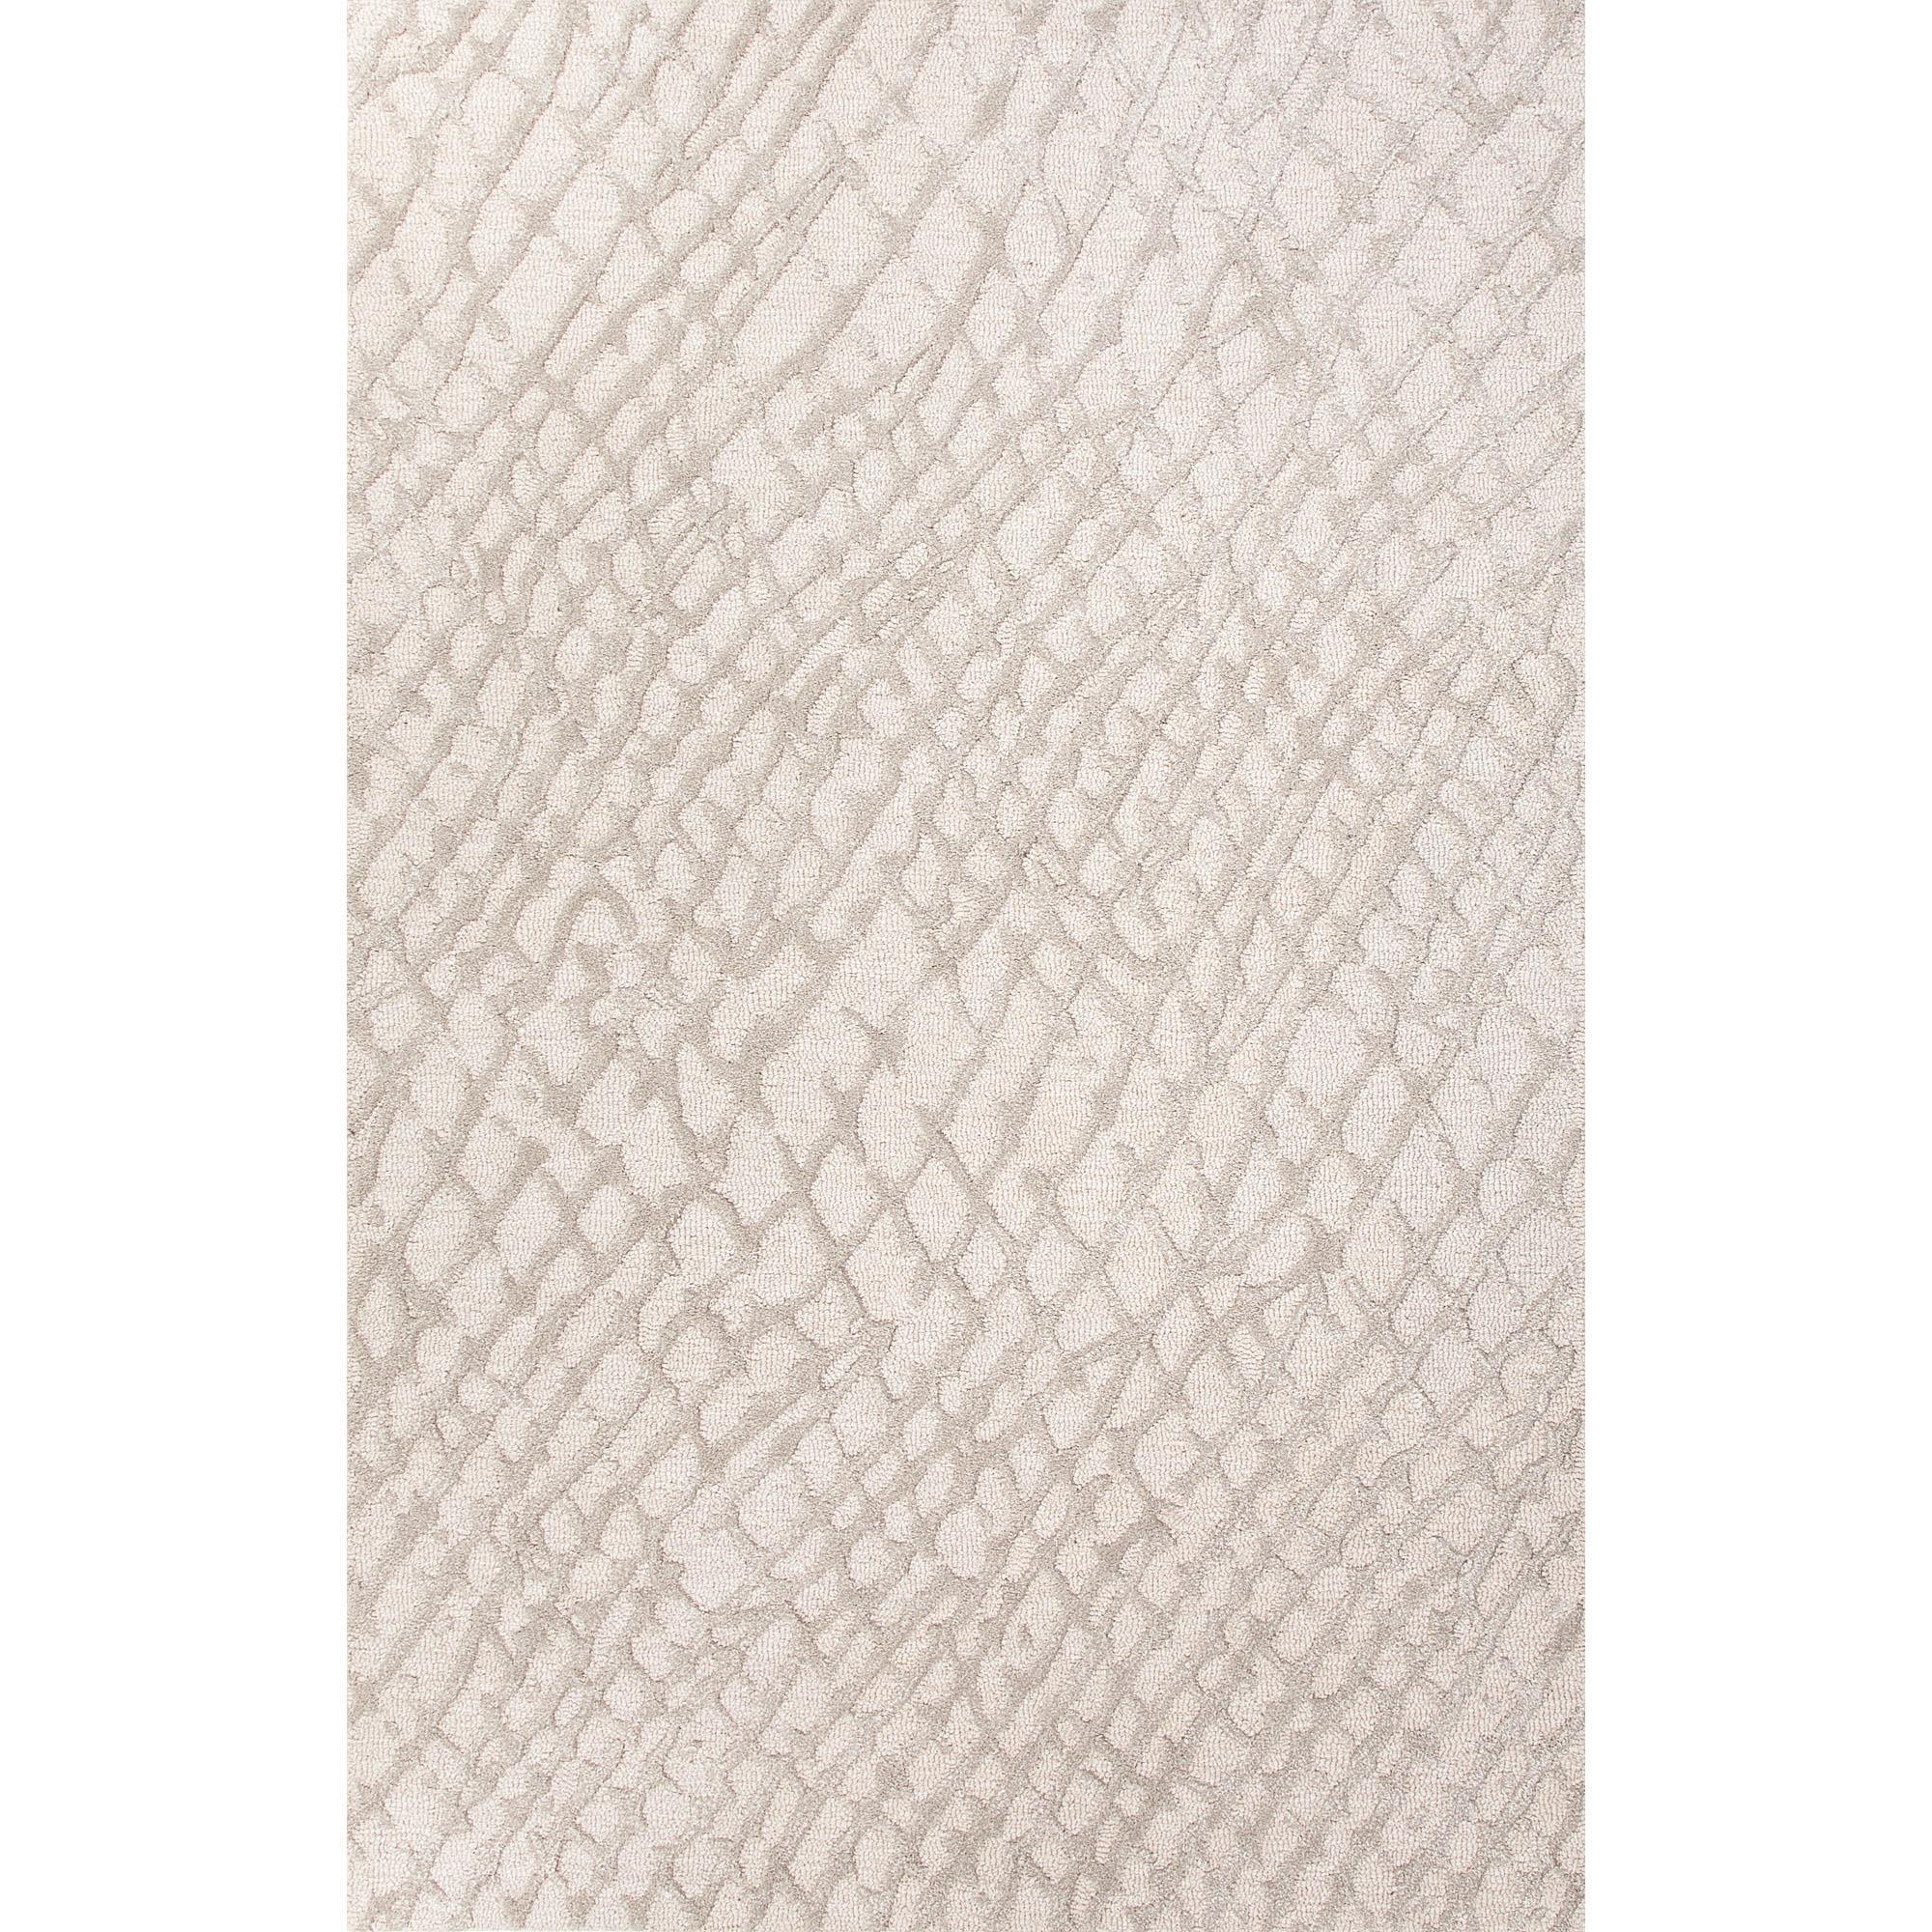 JAIPUR Rugs Clayton 5 x 8 Rug - Item Number: RUG109847